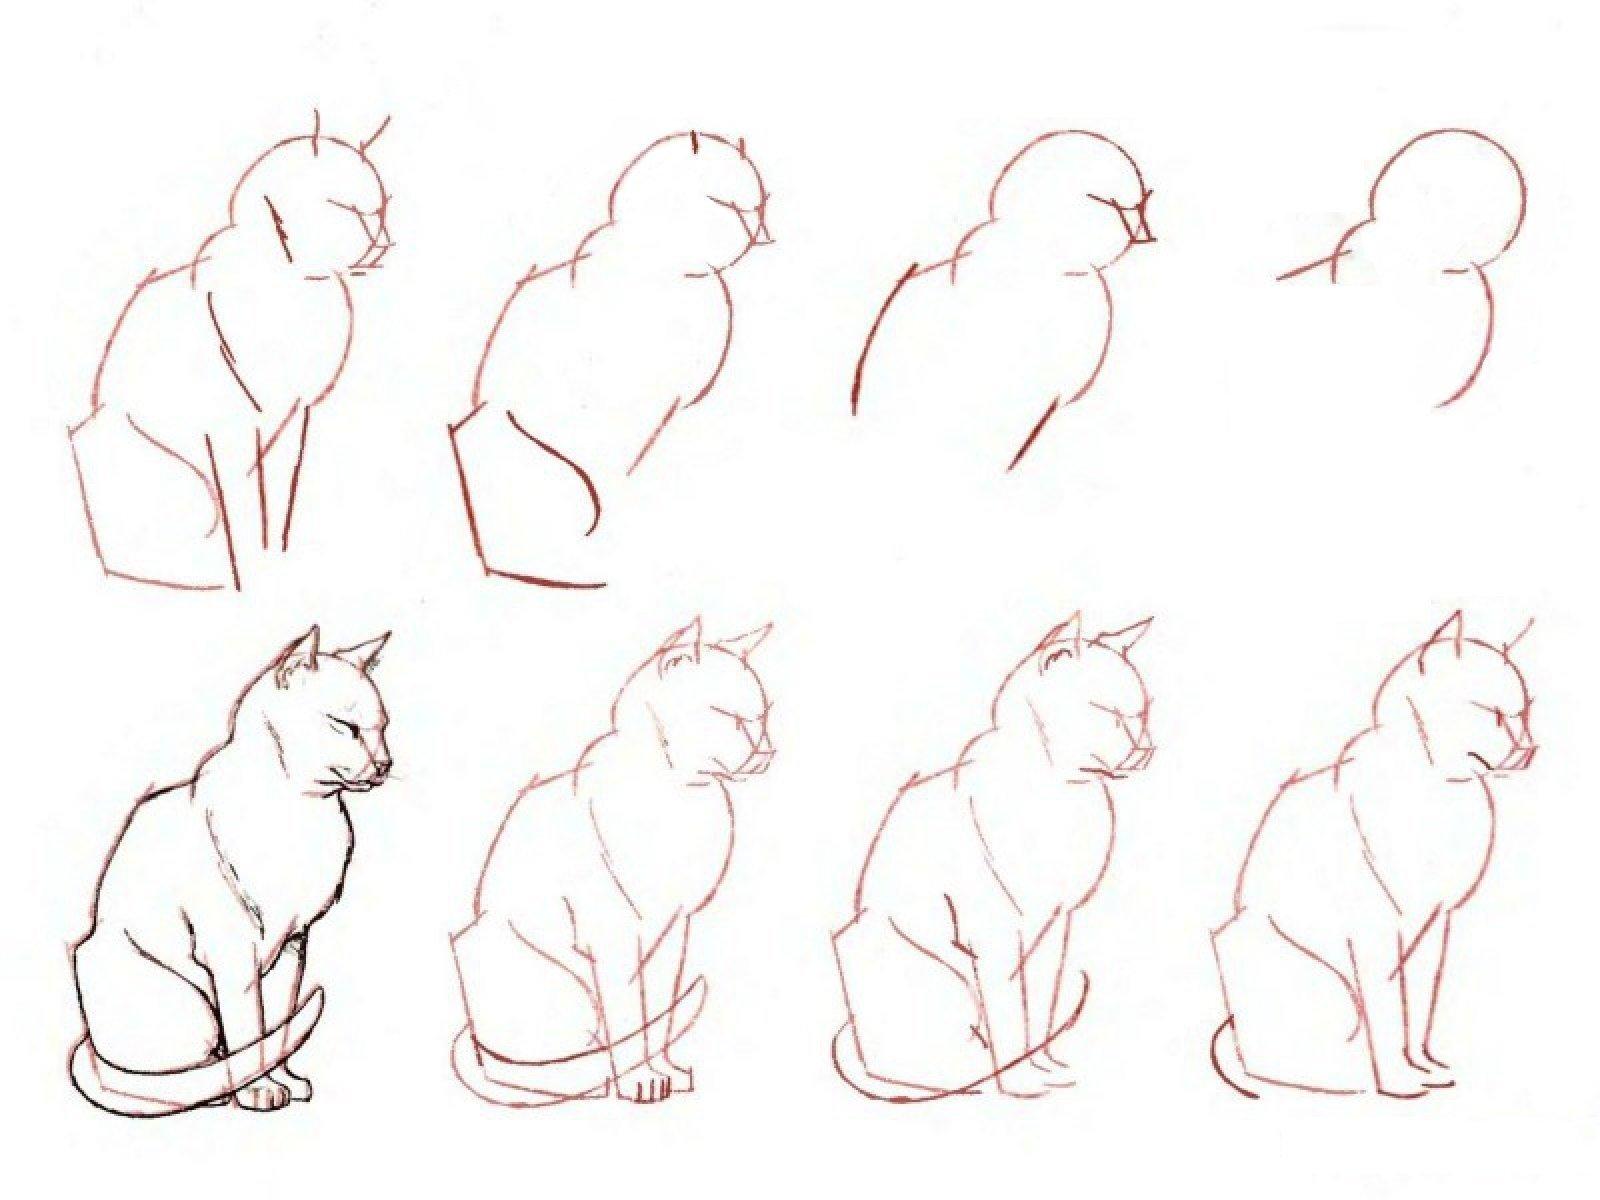 рисунки кота карандашом поэтапно для начинающих этой статье подробно